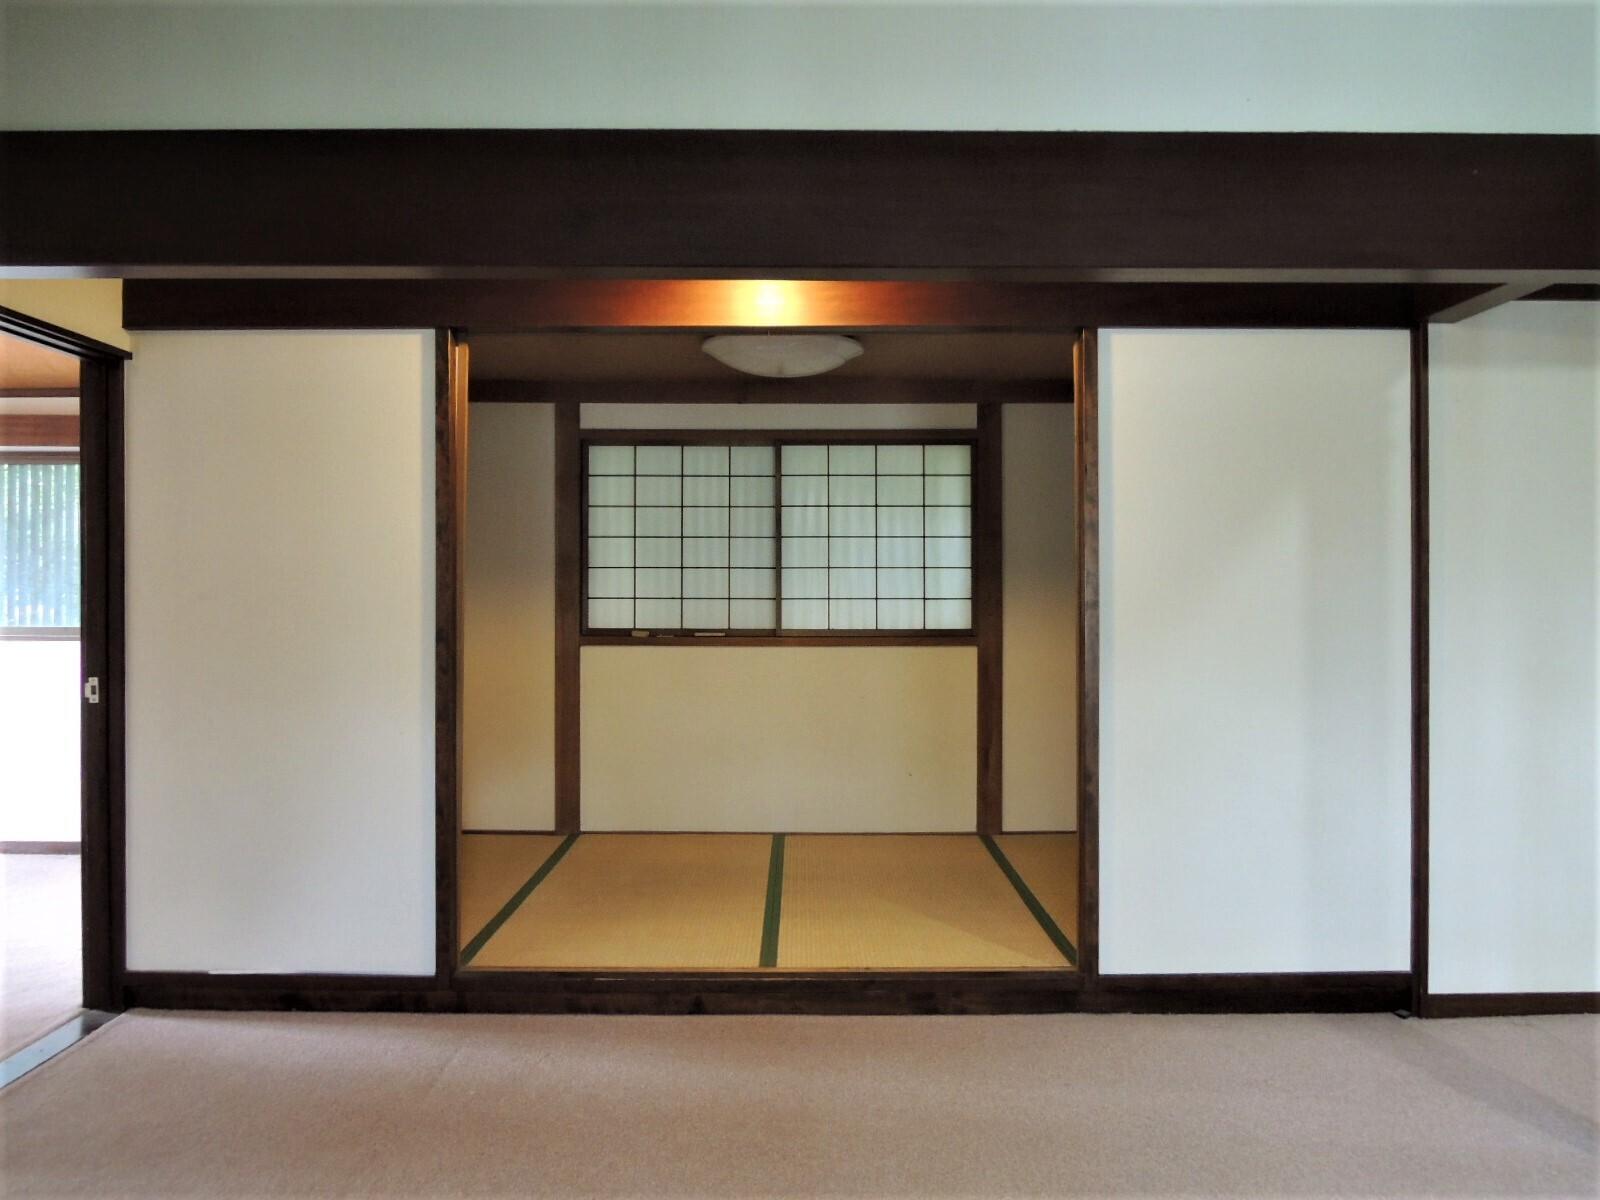 4畳の茶の間 | あるオーナーの2階の貸家